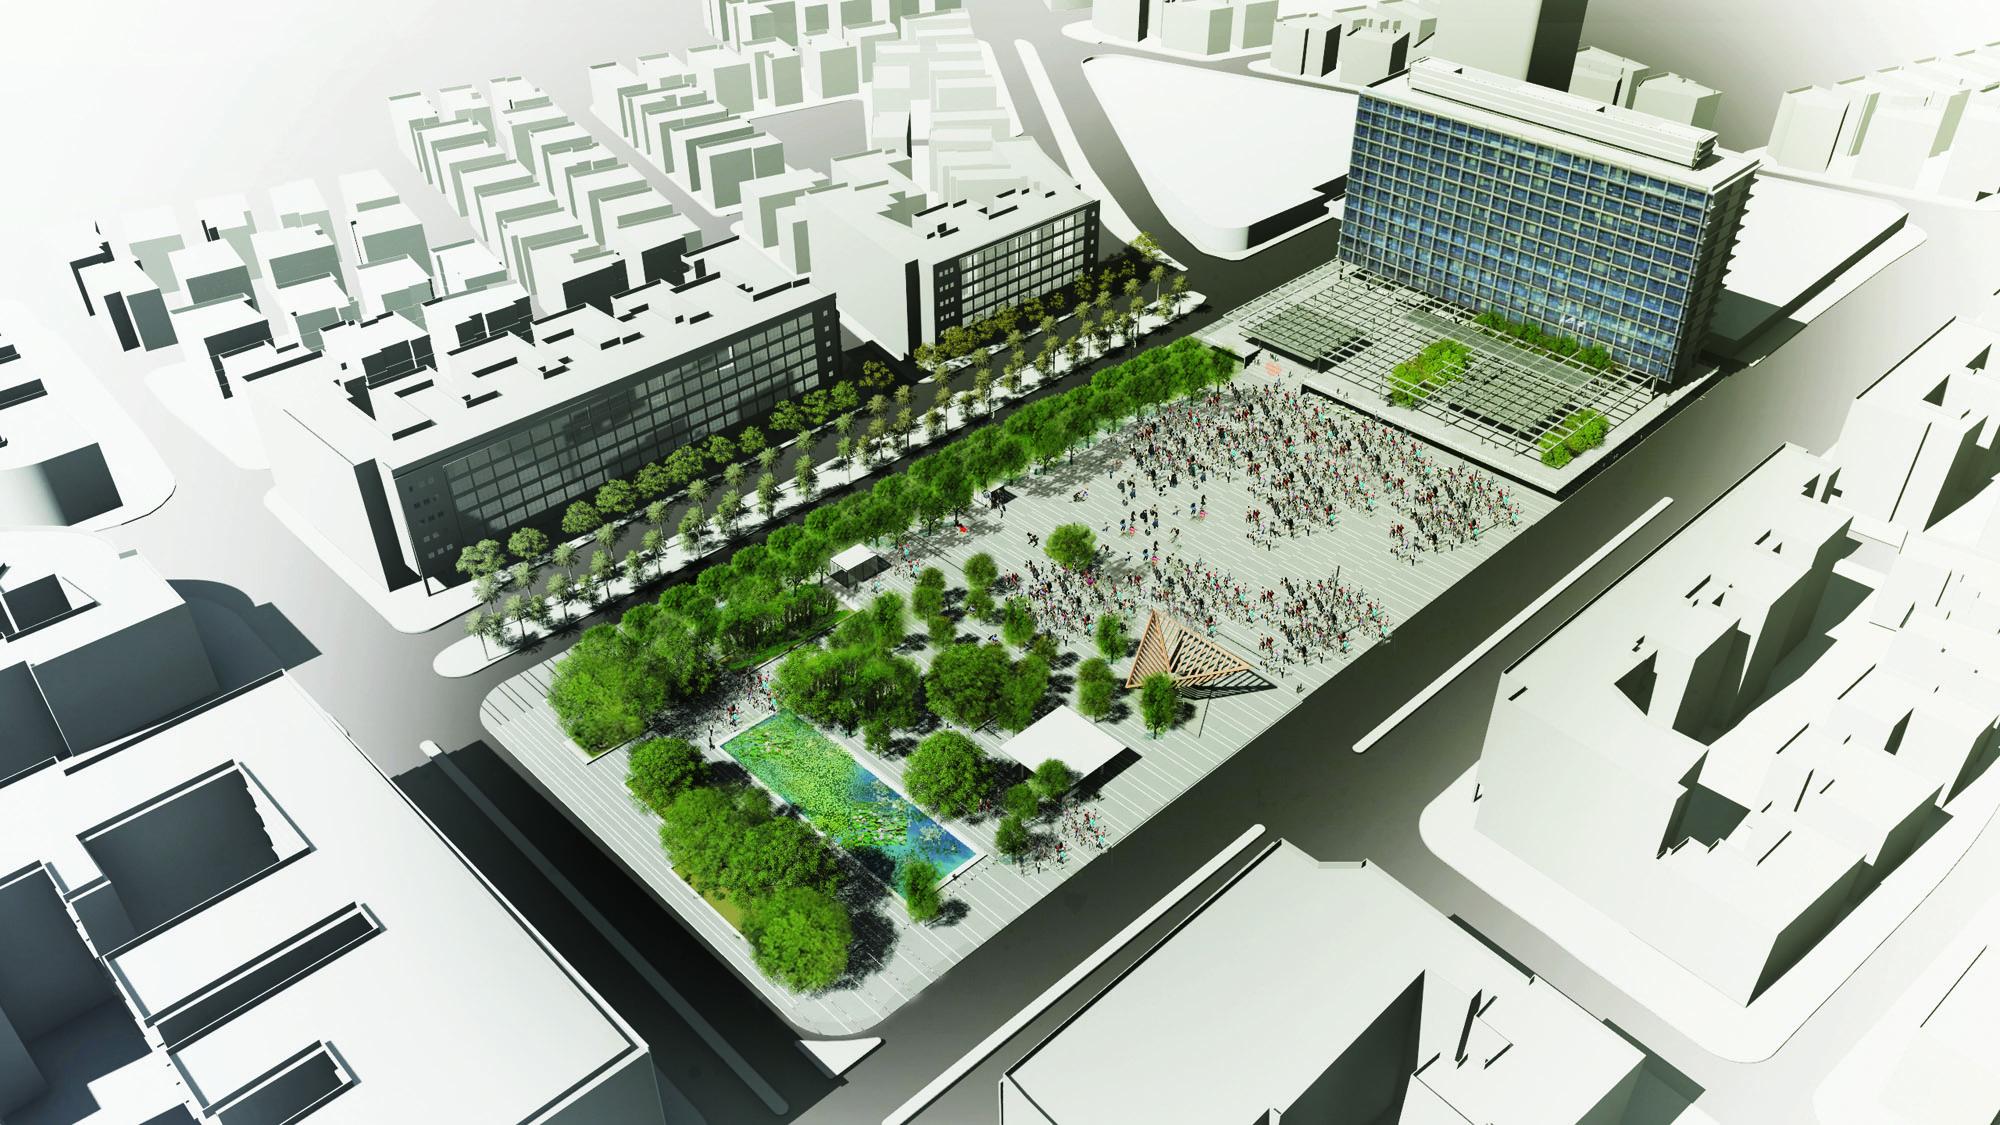 ההצעה של ת.מ.א תכנון מרחב אורבני (הדמיה: באדיבות המשרד)